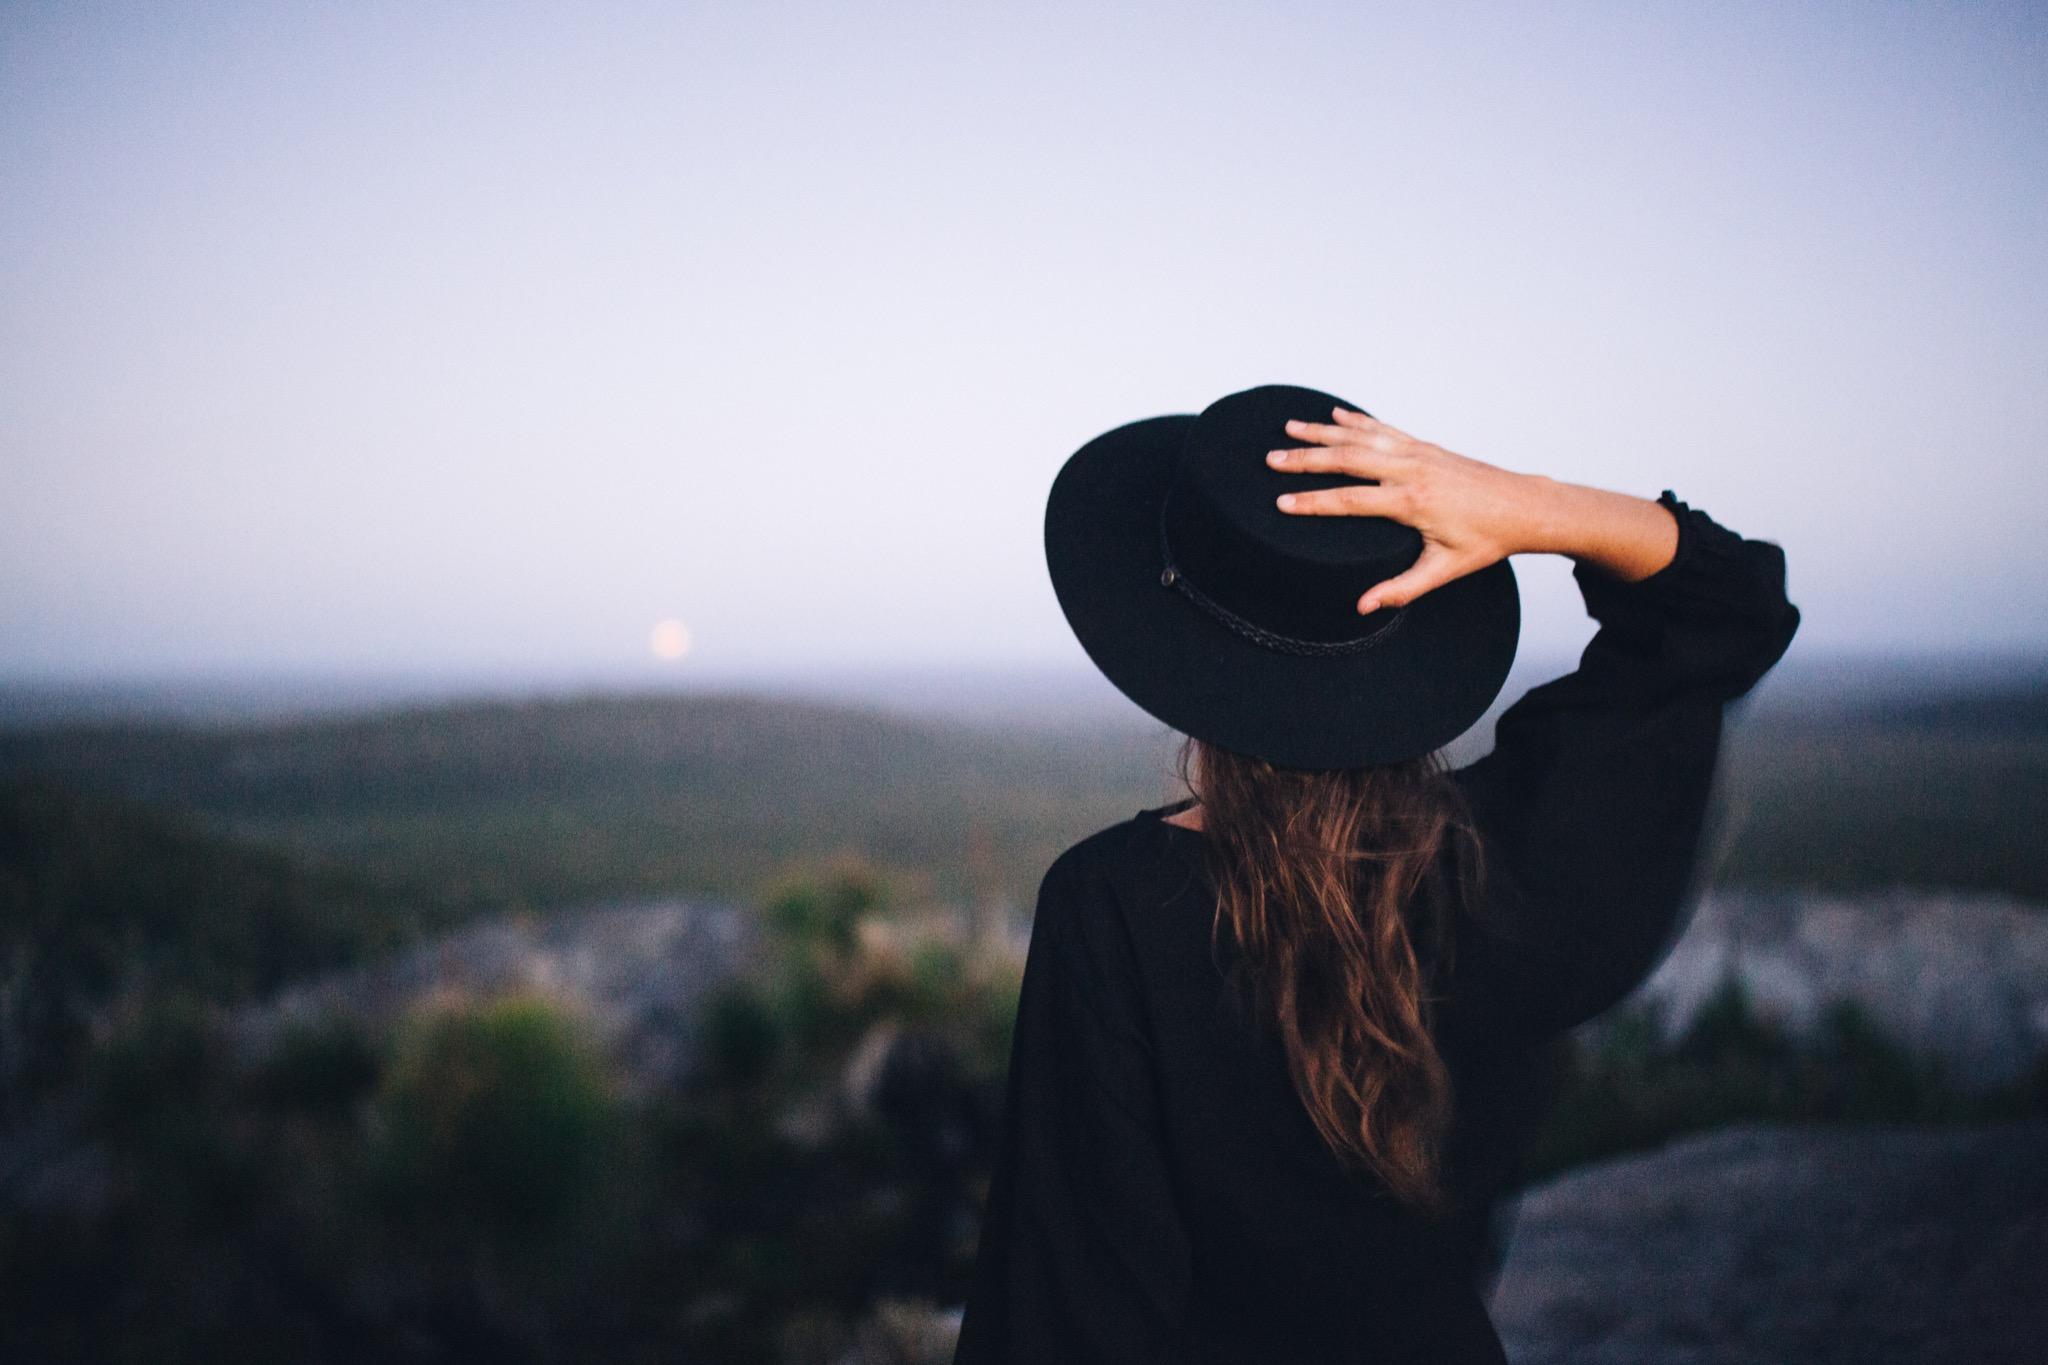 Anissa Wears   Rue Stiic Maluka Skirt + Rue Stiic Balon Top + Fallen Broken Street Trix Hat